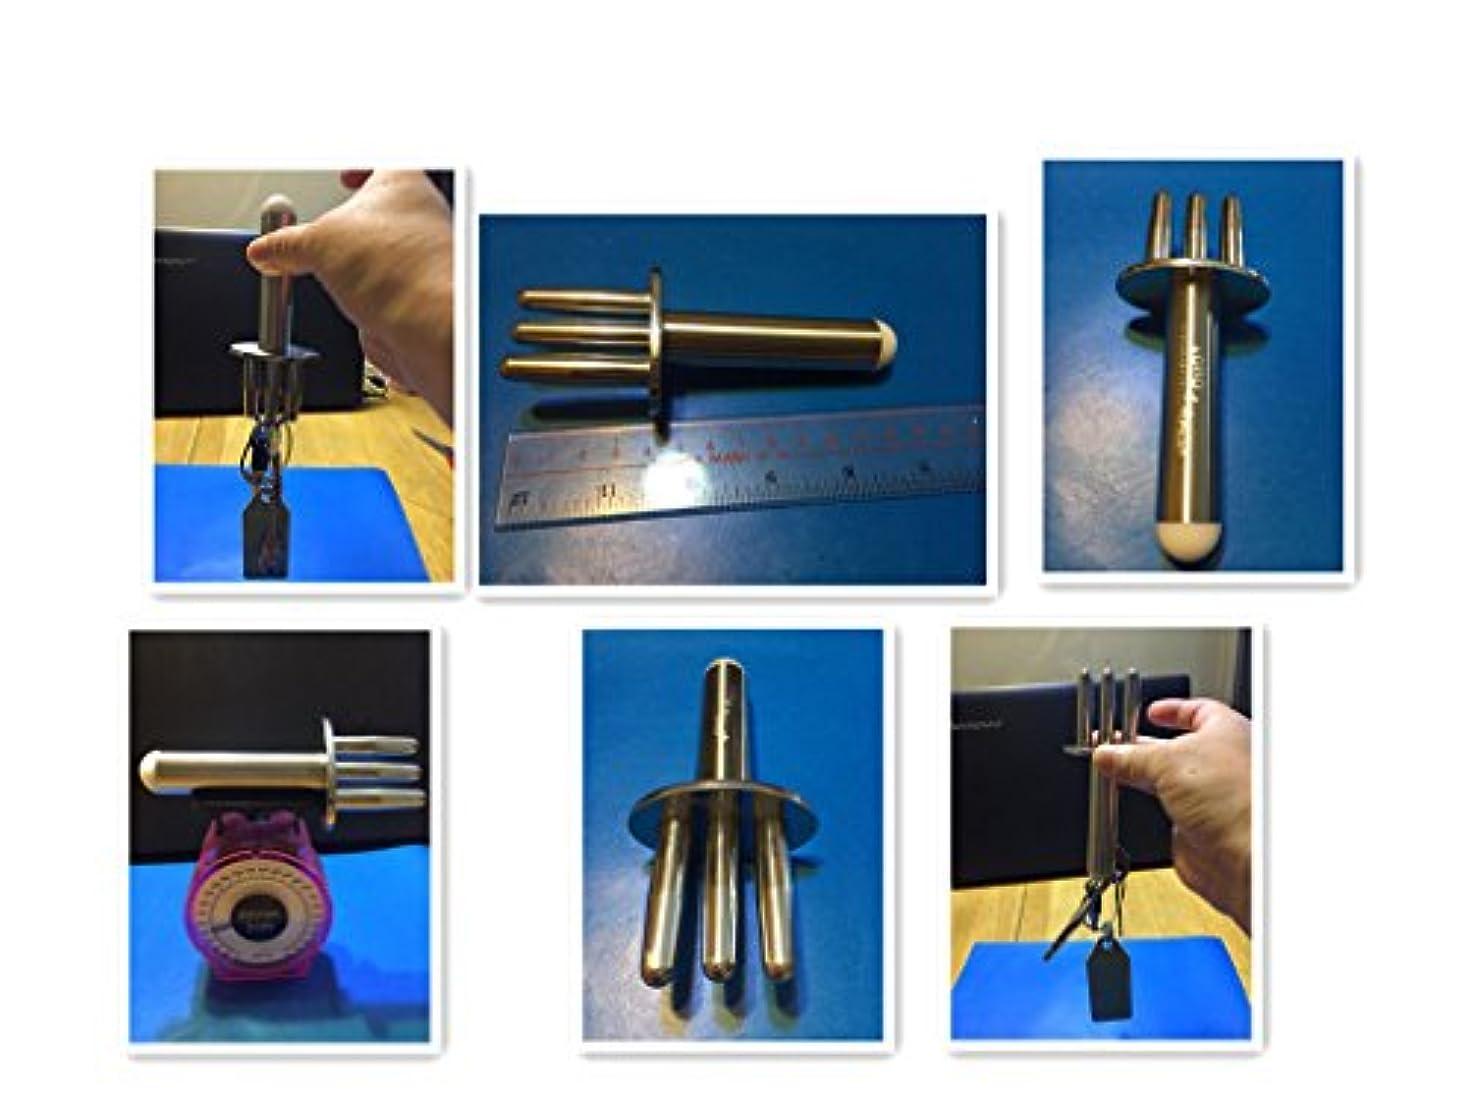 肌寒い露骨な大佐顔ボディ排酸術マサッジ小さな排酸棒マッサジ棒磁力マッサジ棒Echo & Kern はいさんじゅつ、陰極磁力排酸棒北極磁気マッサジ棒、磁気棒、ツボ押し棒 磁気 マッサージ棒 指圧棒 磁力がコリに直接当たる排酸術 …